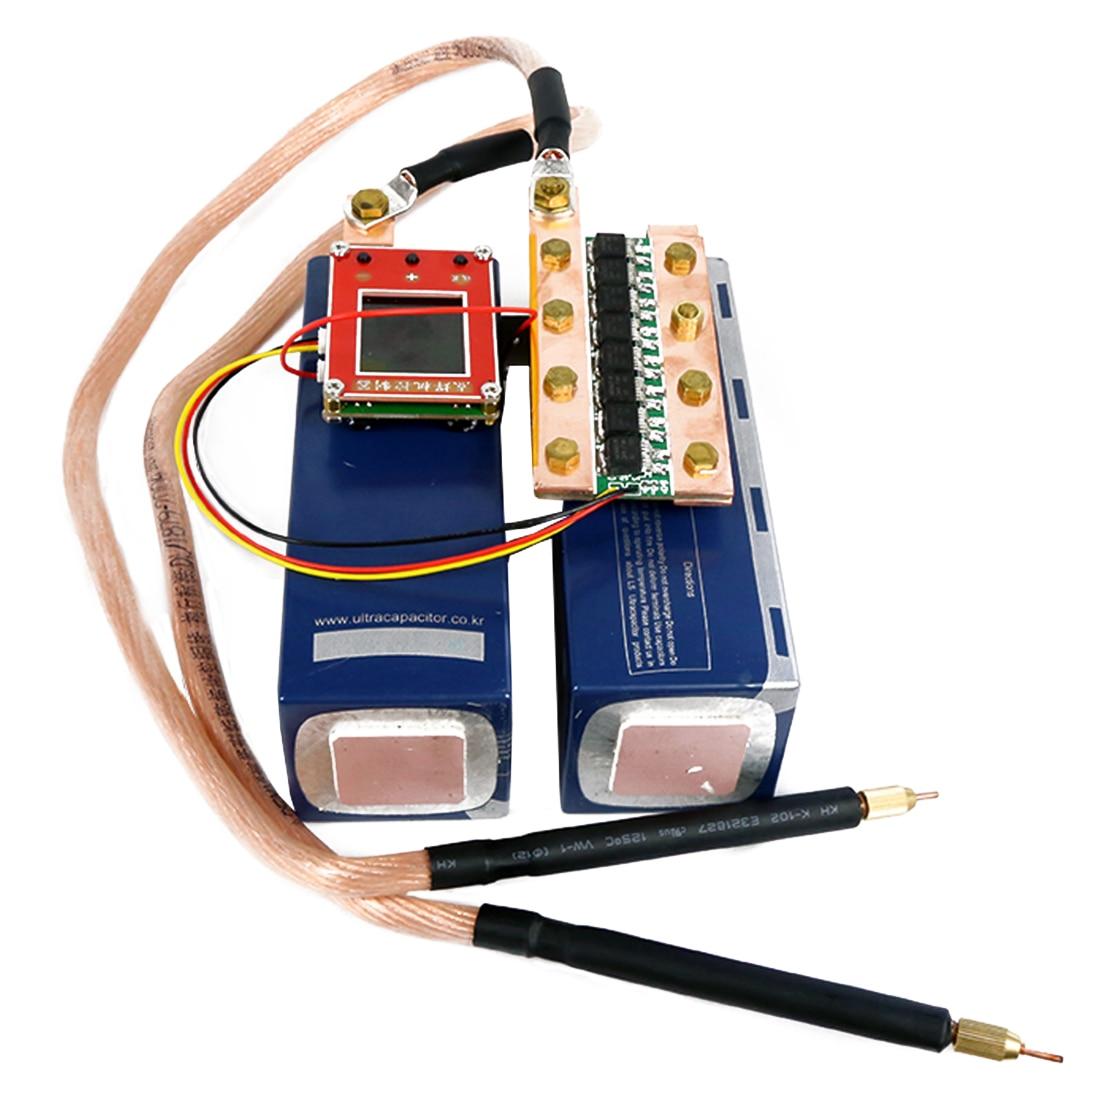 DIY Portable Spot Welder Nickel Sheet Fara Capacitor Spot Welder For 5V Power Supply